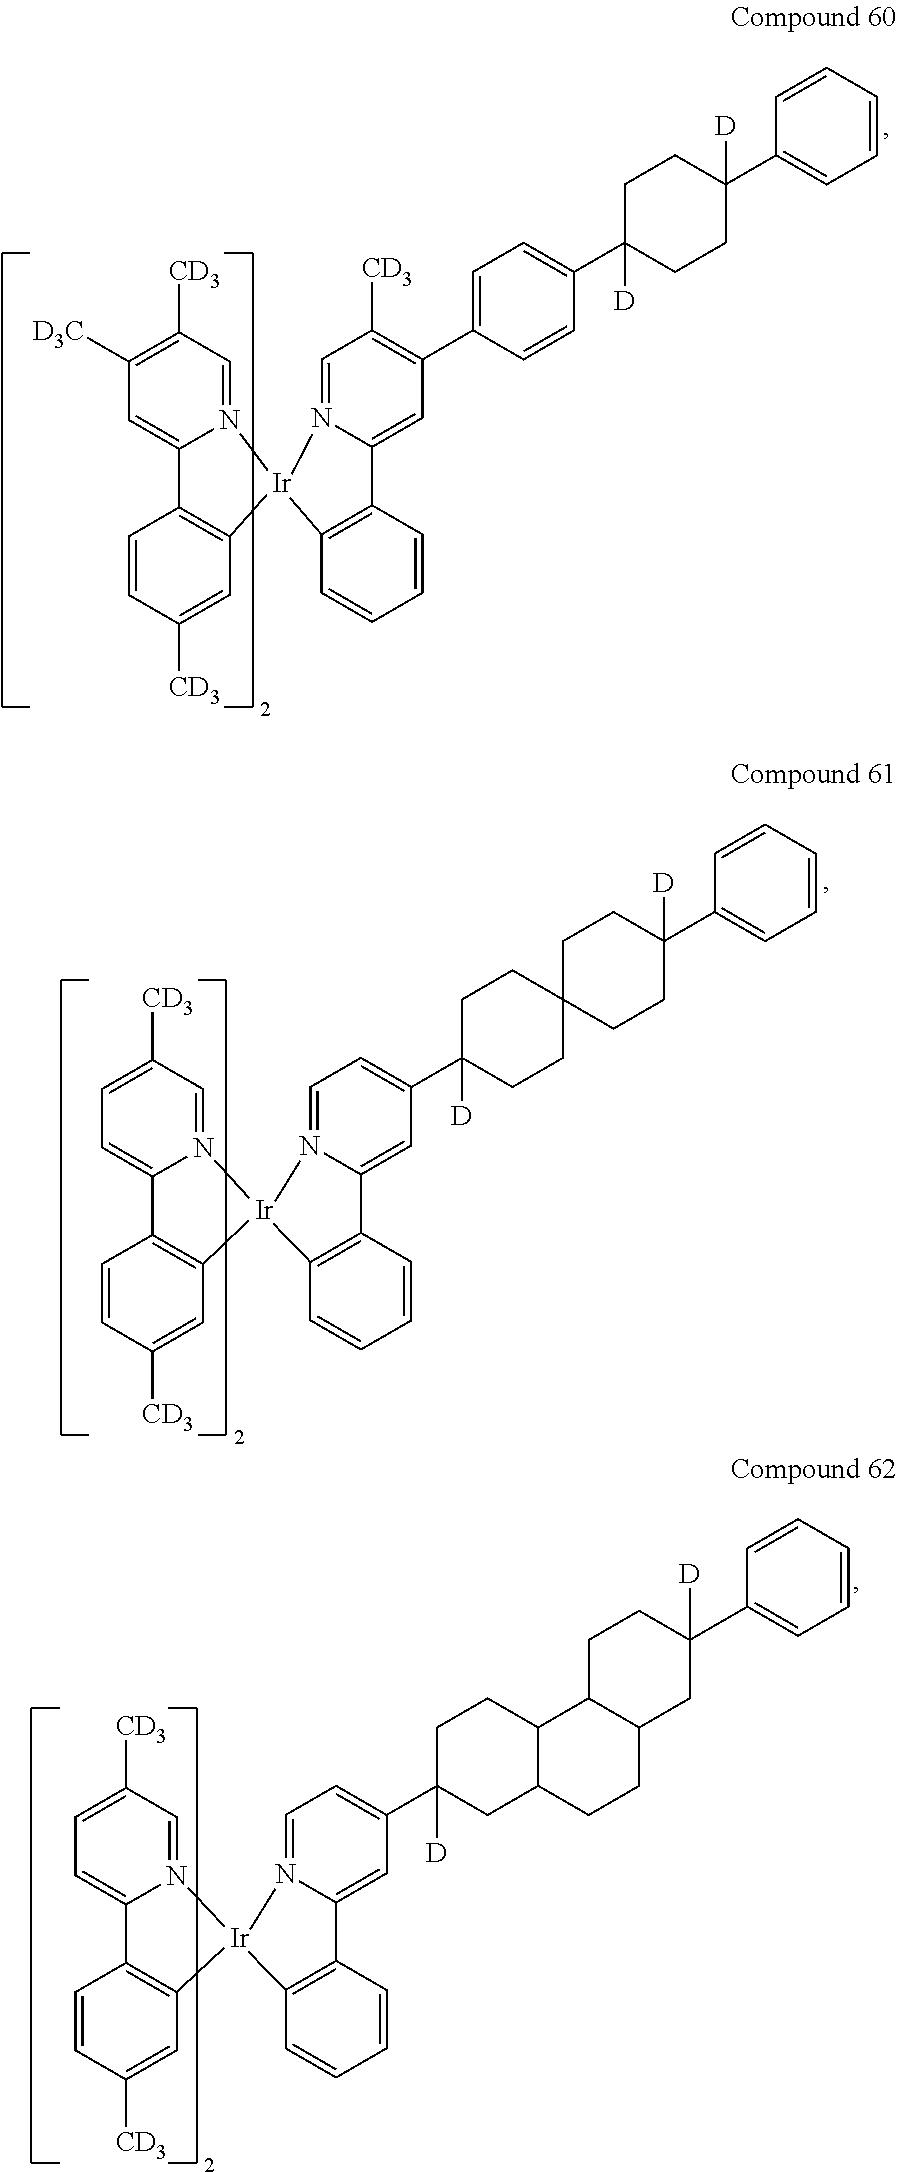 Figure US20180076393A1-20180315-C00041